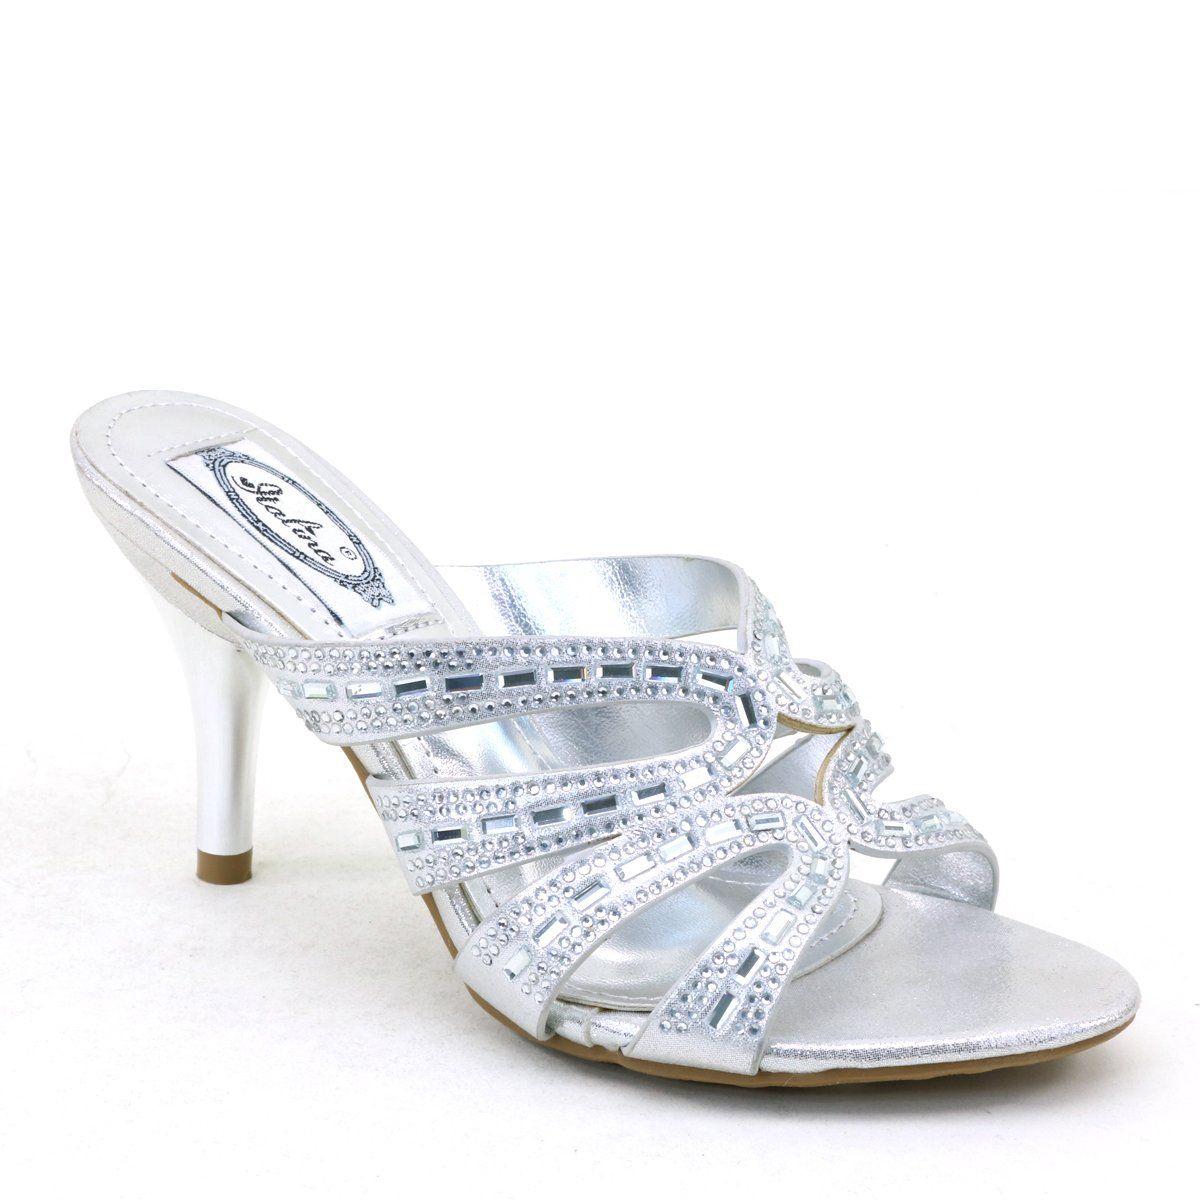 Brieten New Womens Rhinestone Ankle Strappy Platform Gold Heel